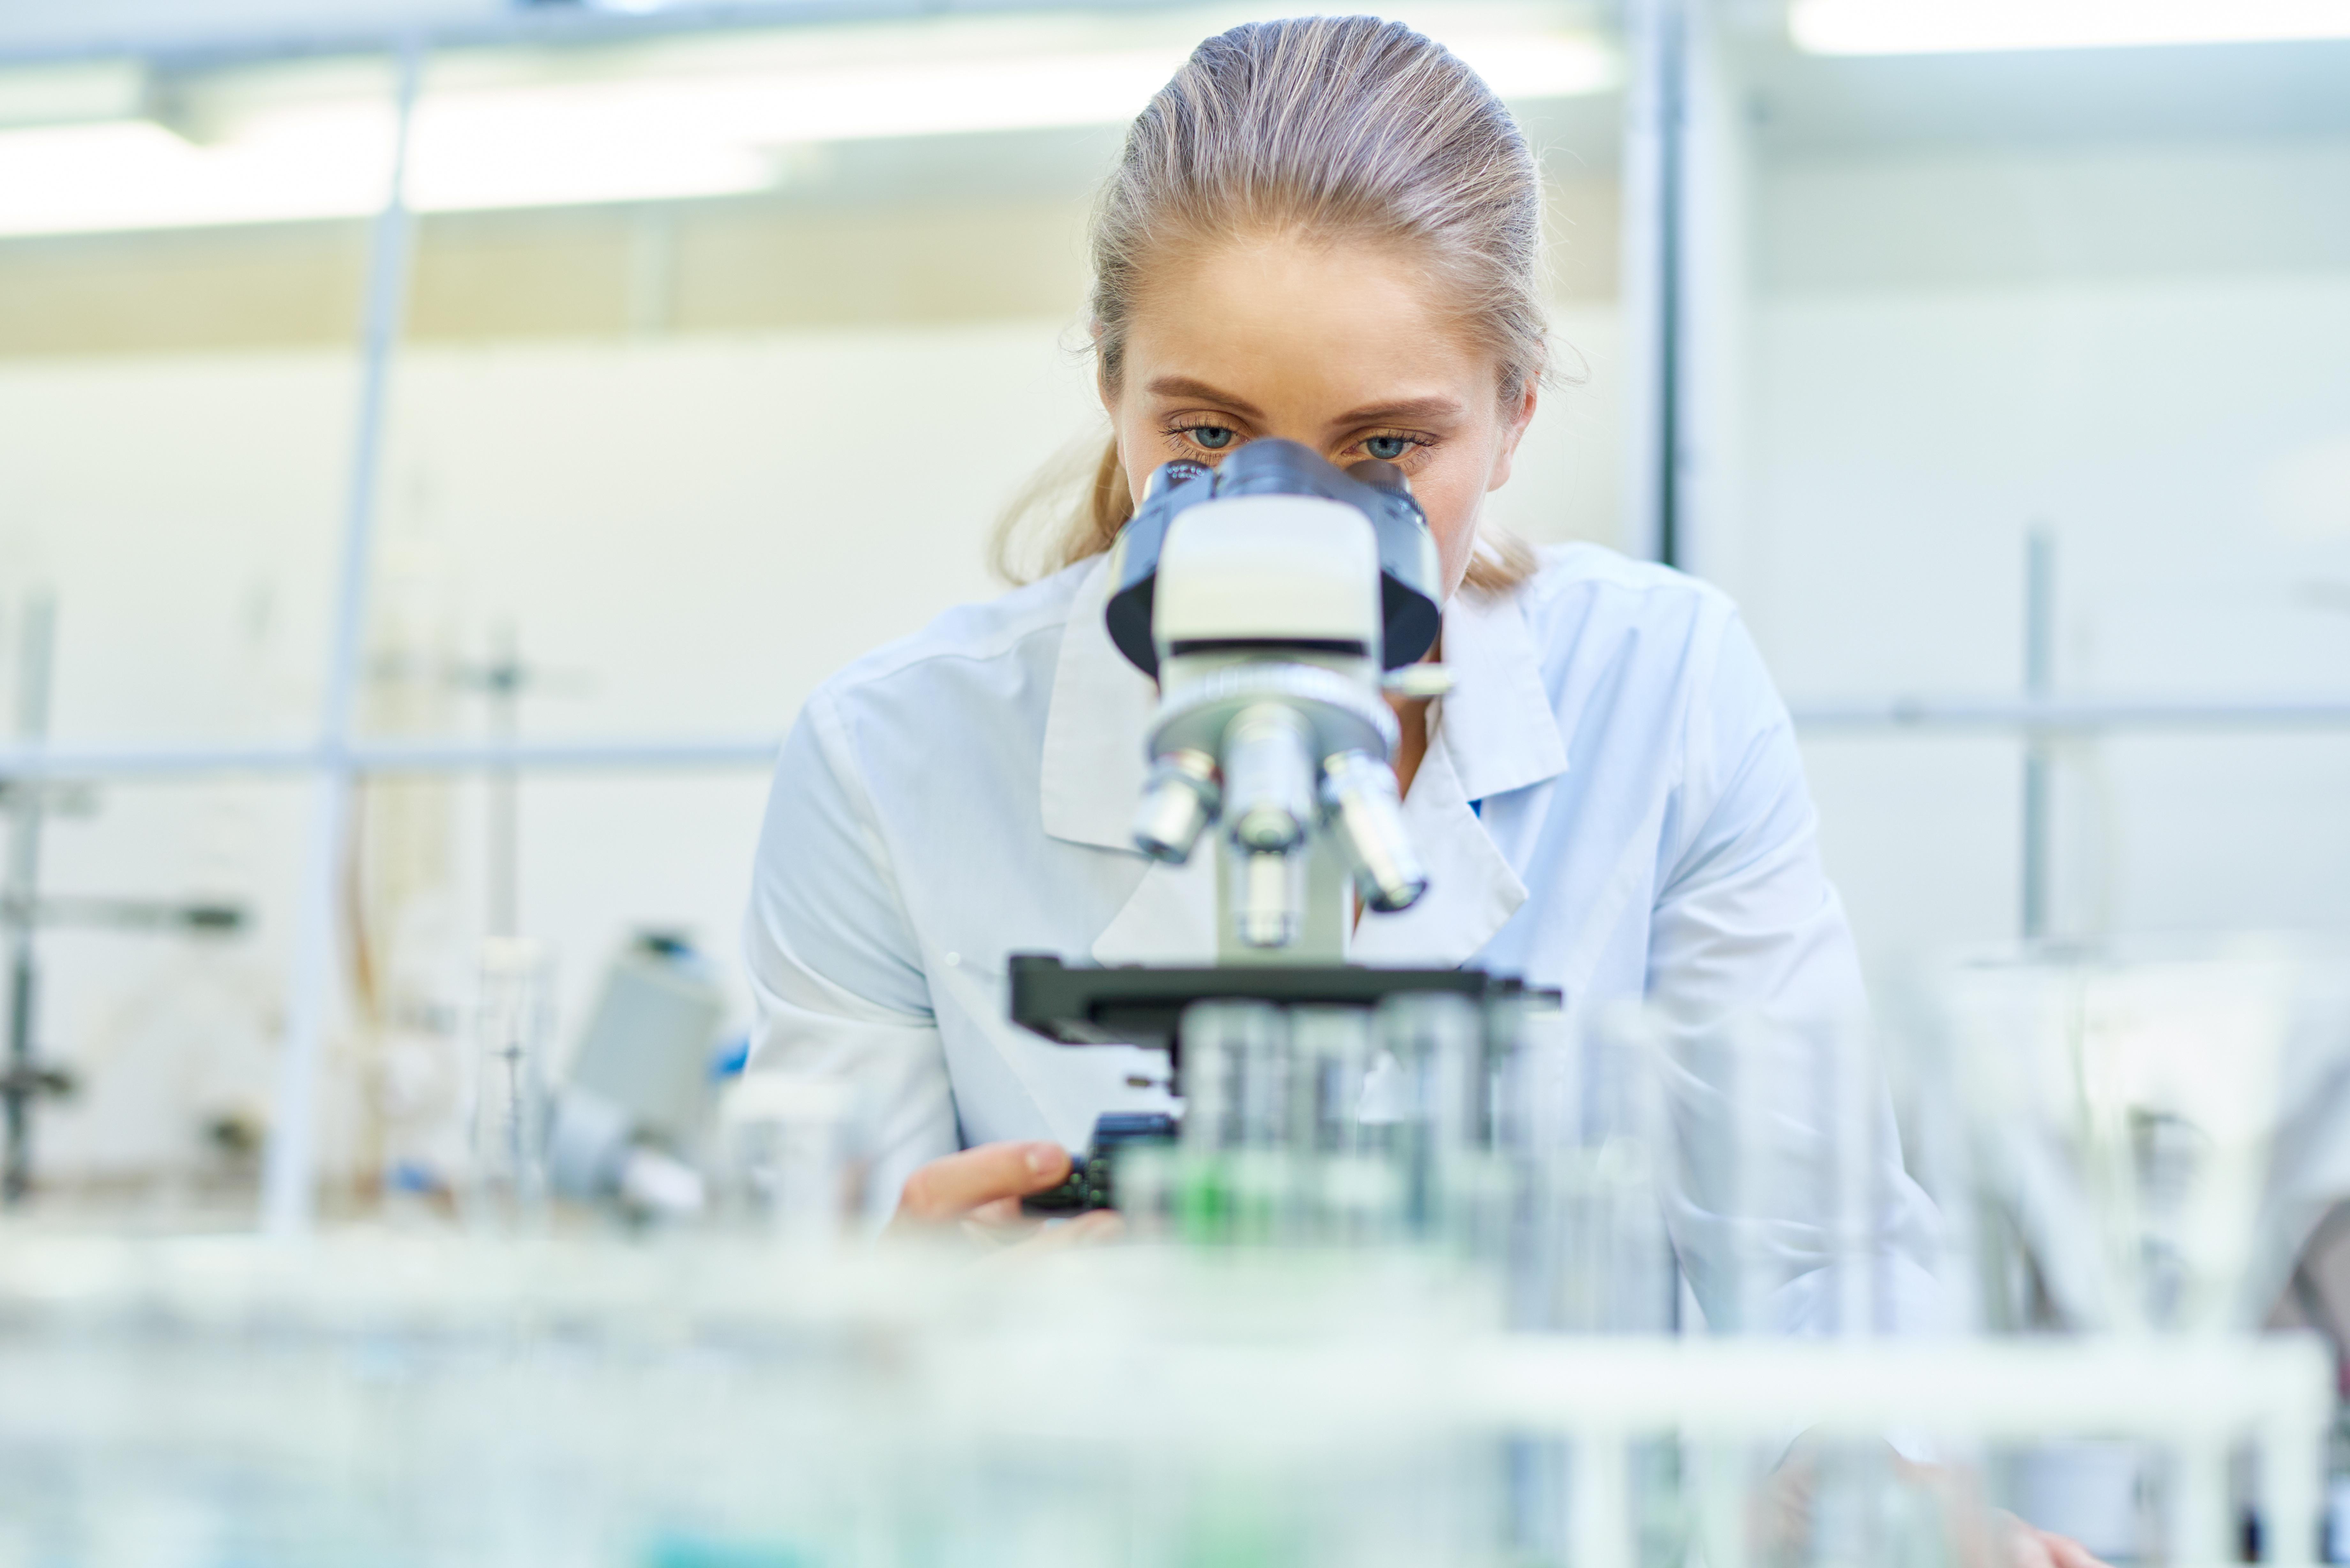 Les cellules sénescentes vieillissantes cessent de produire une classe de produits chimiques appelés nucléotides, des éléments constitutifs clés de l'ADN.